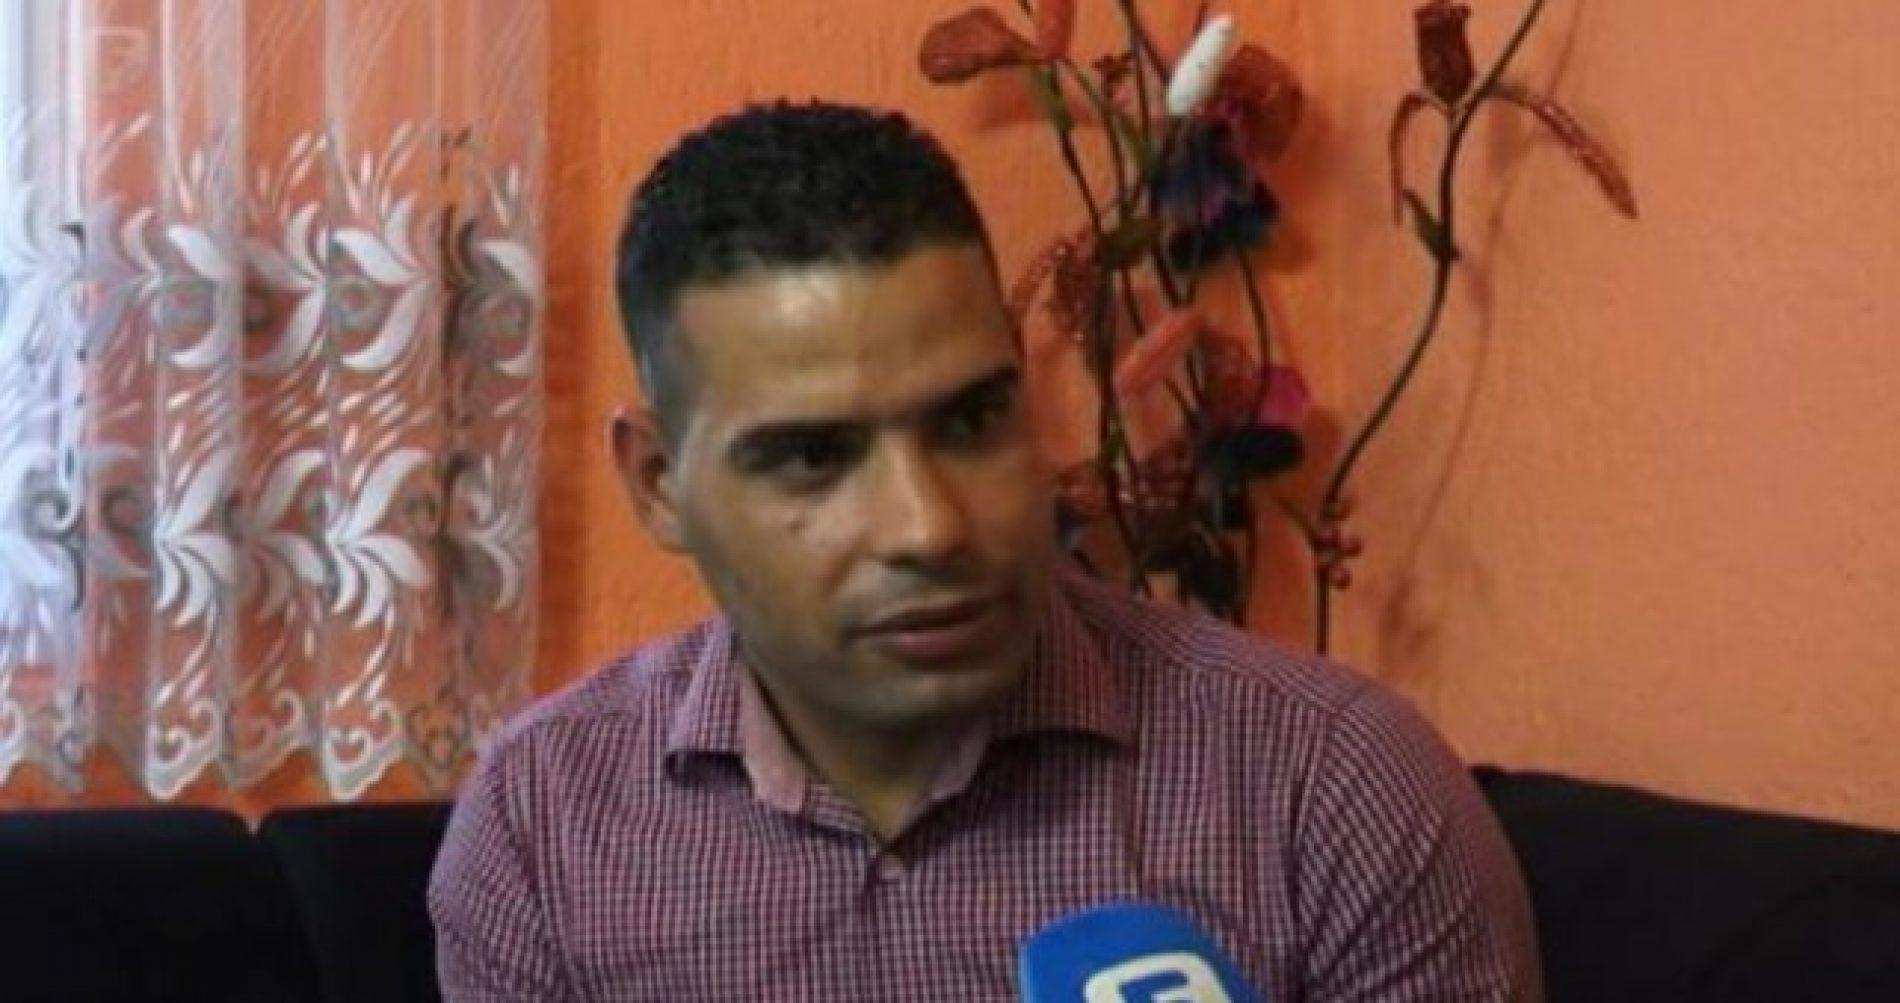 Bosna je zemlja njegovih snova: Migrant iz Alžira u Tuzli pronašao drugu porodicu